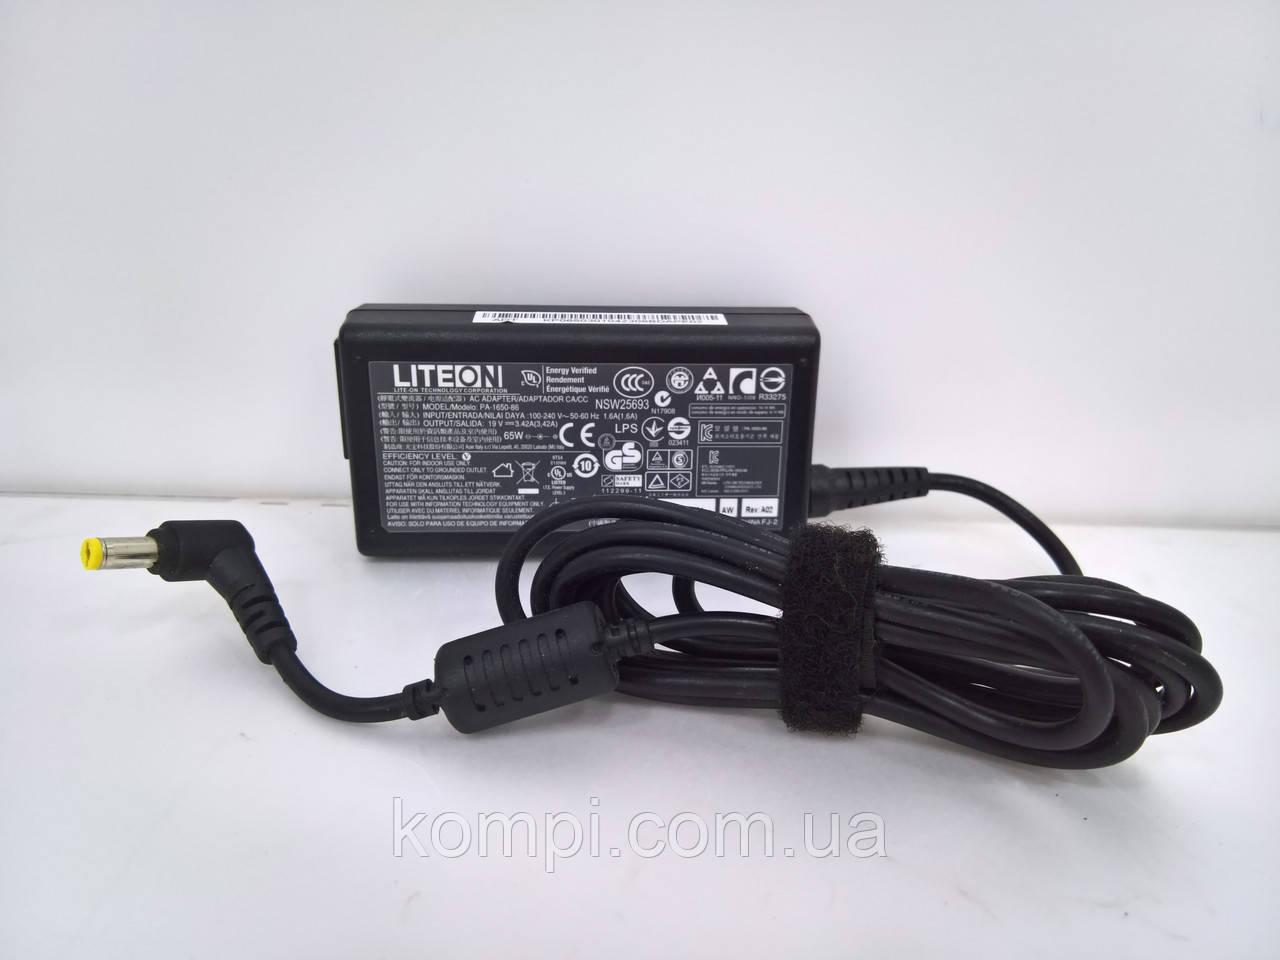 Зарядний пристрій до ноутбука Liteon 19v 3.42a штекер на 5.5x1.7  Оригінал !